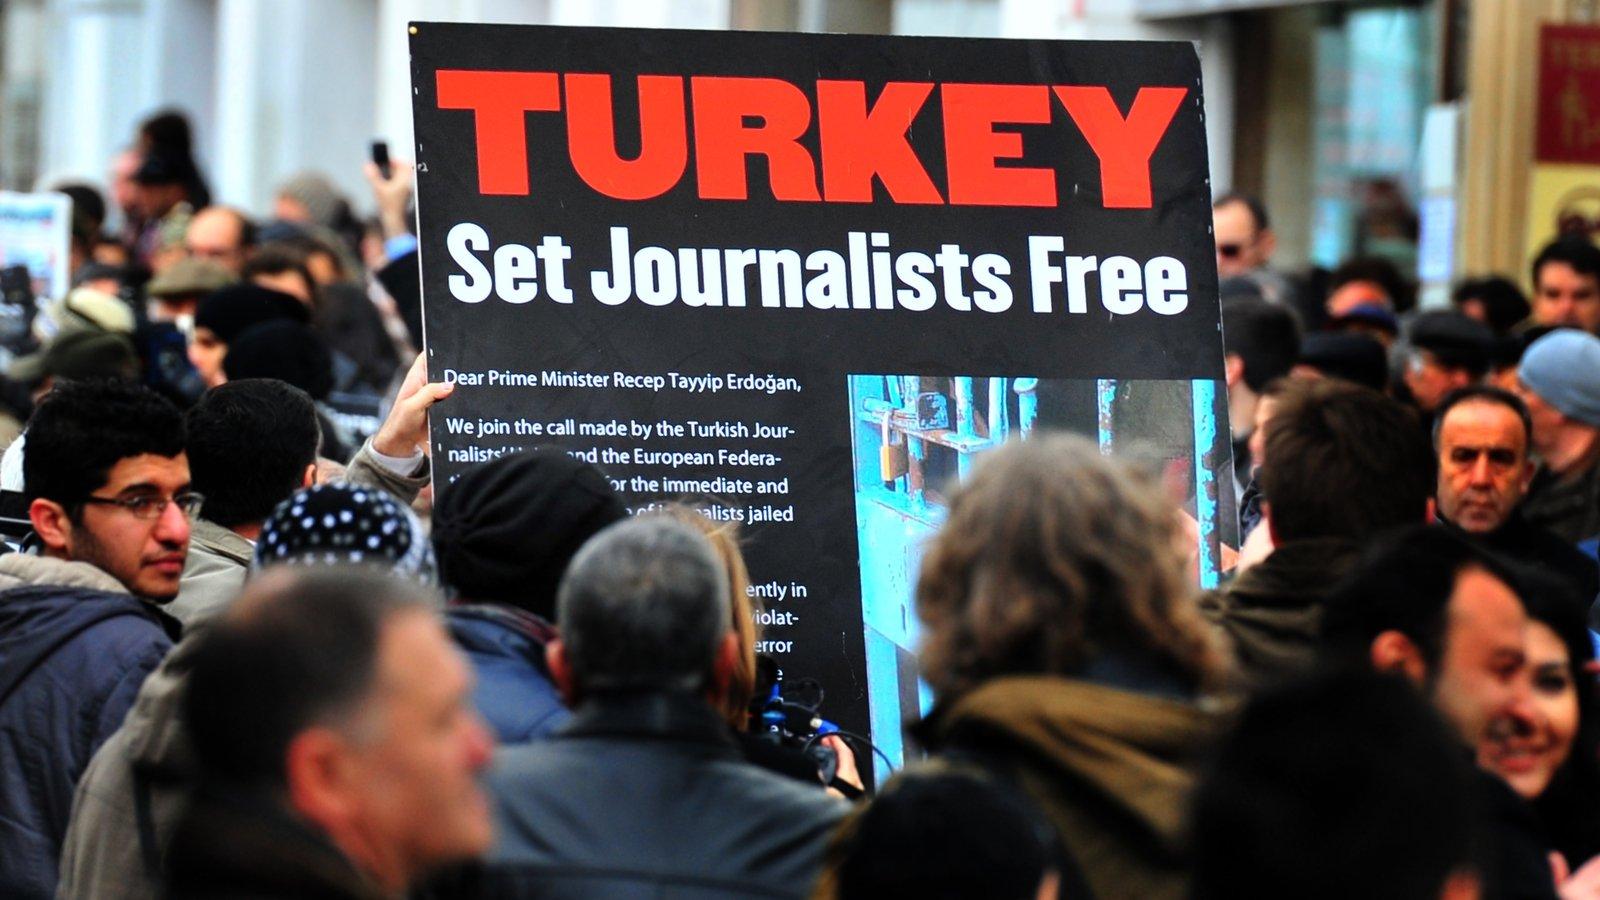 Turchia, la più grande prigione al mondo per giornalisti